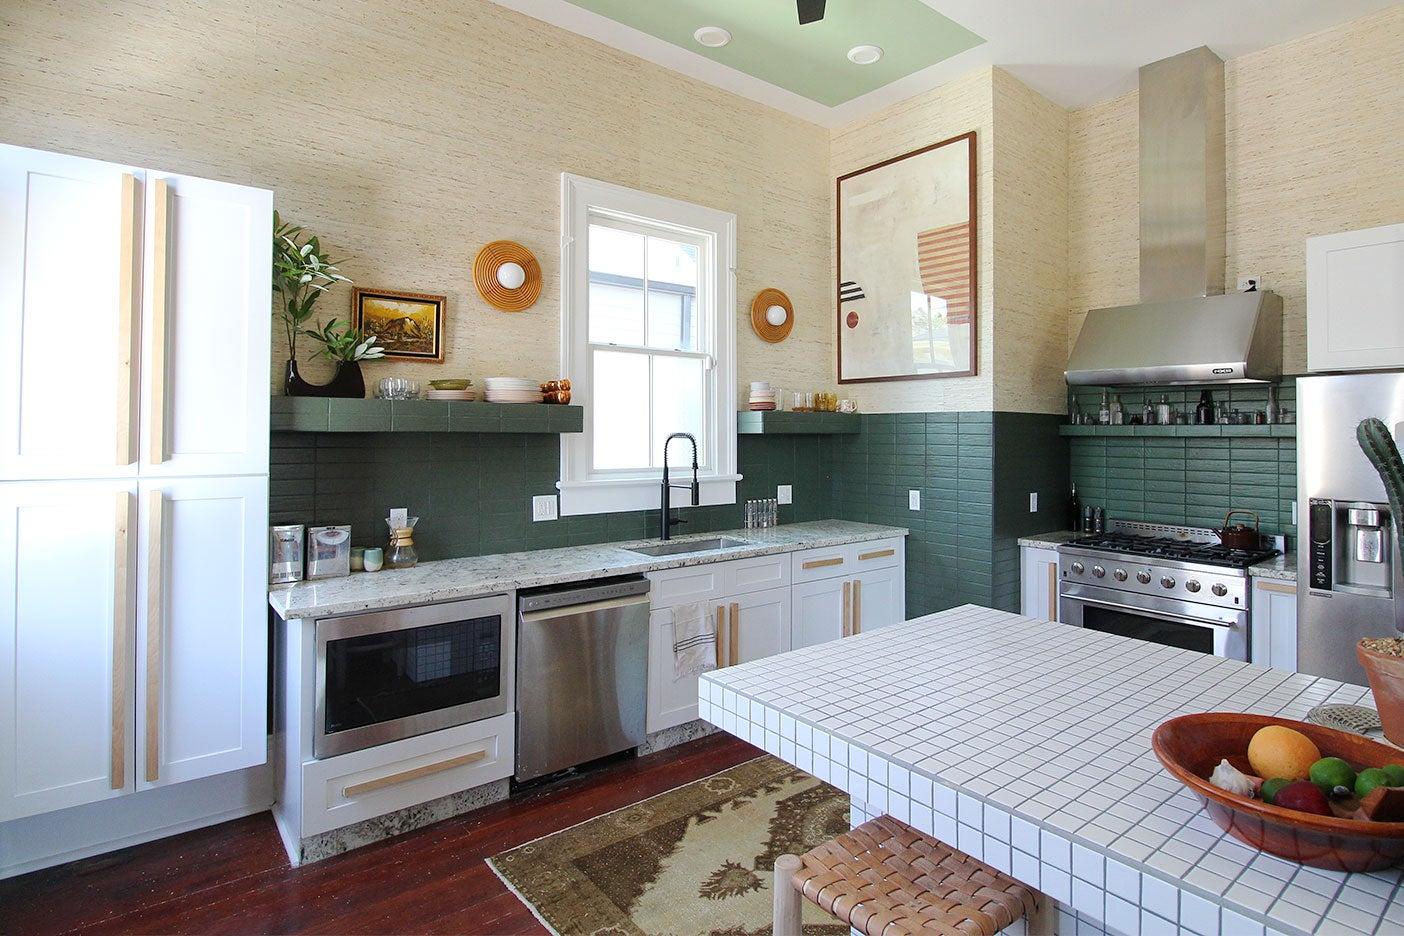 Liz Karamul's New Orleans kitchen